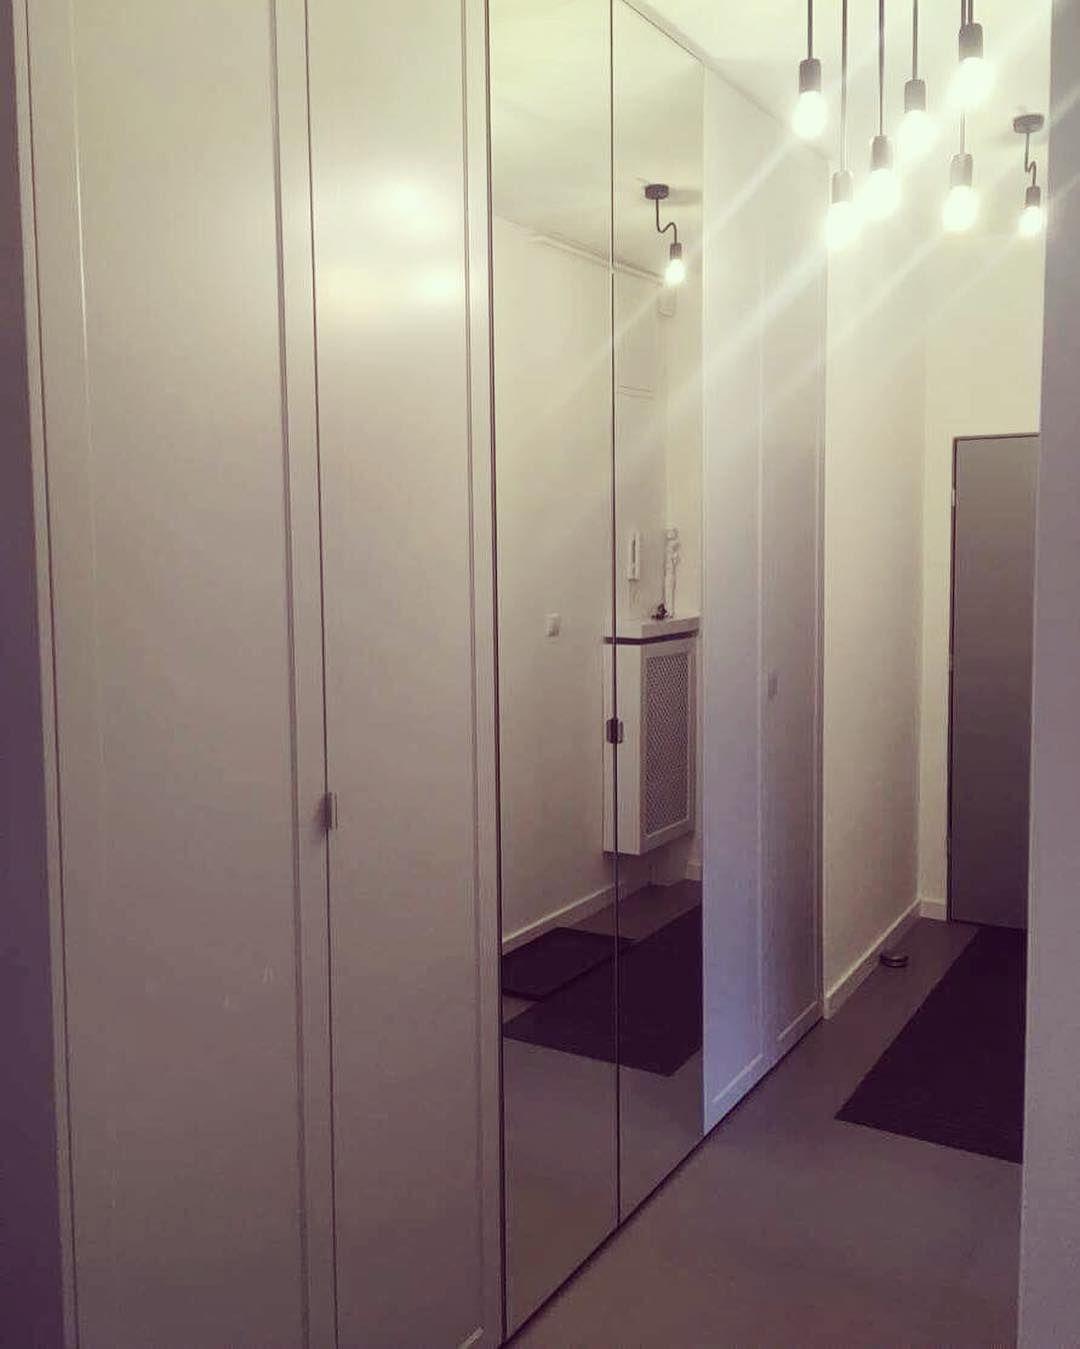 Szafa Wardrobe Garderoba Garderob Lustra Mirrors